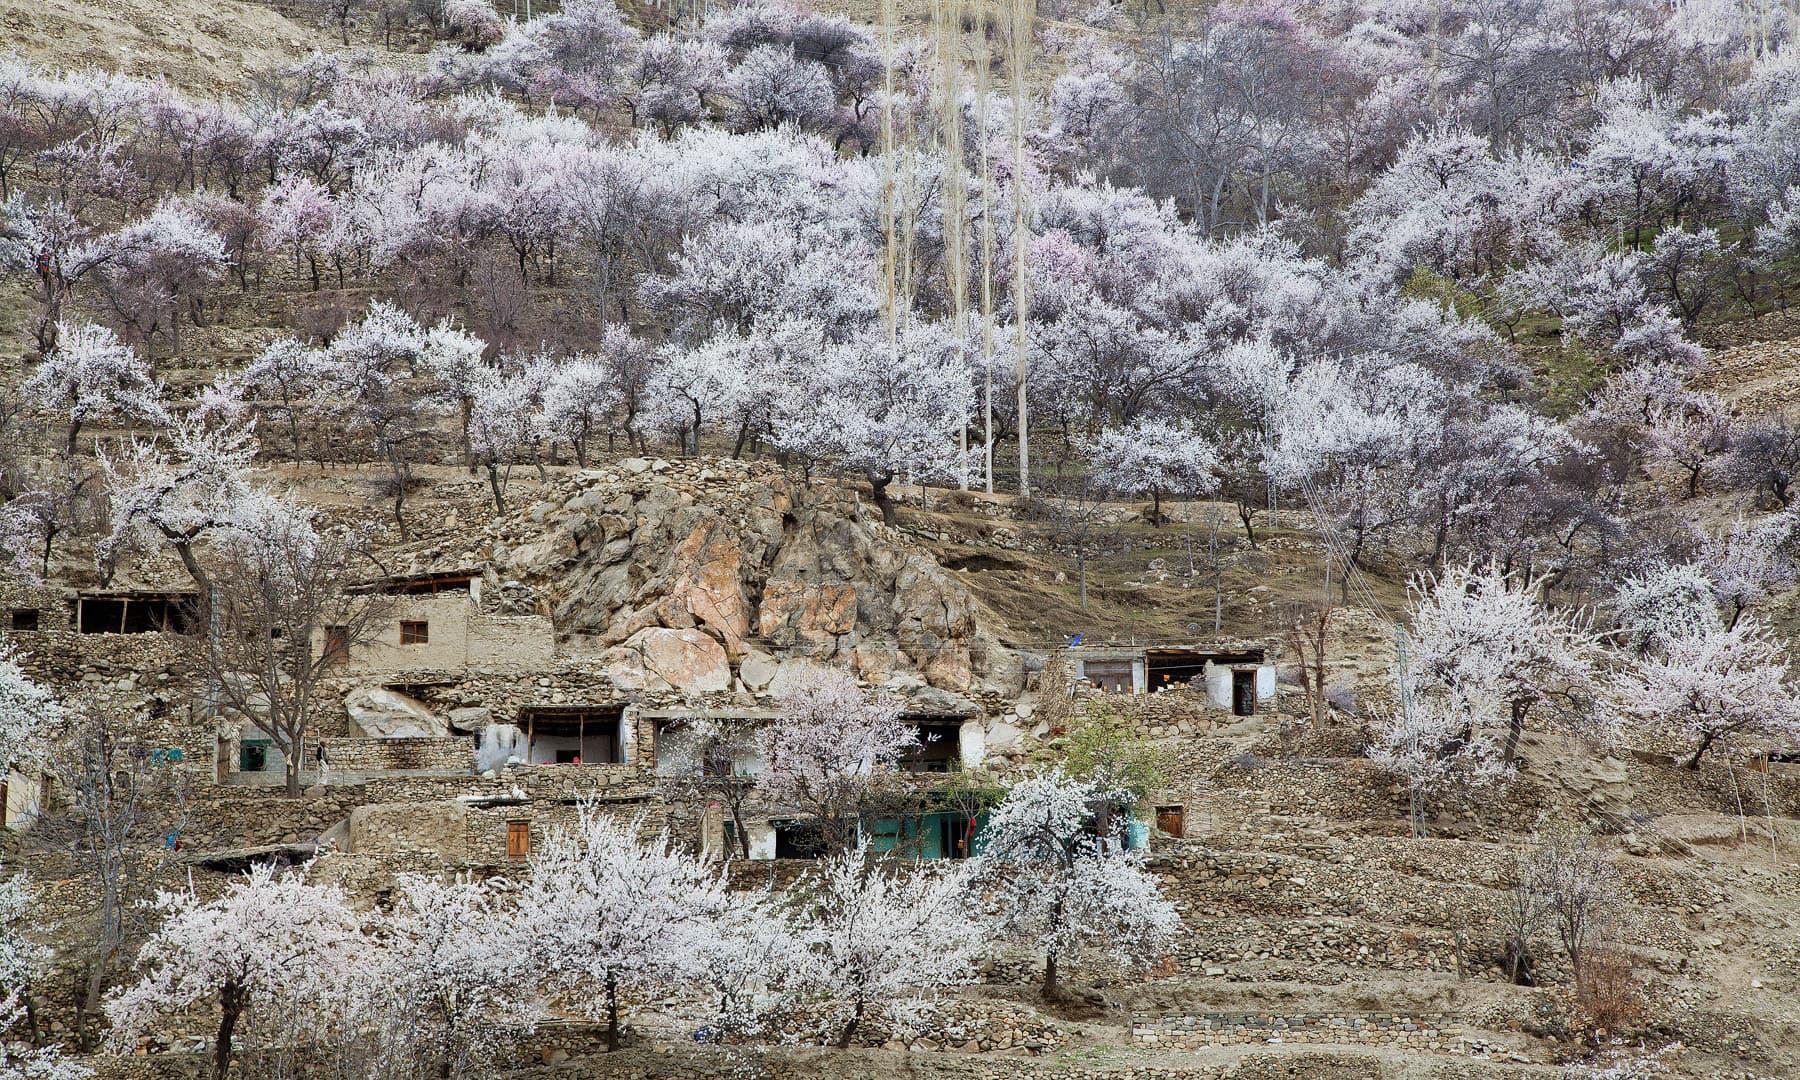 Cherry blossom in Nagar khas.